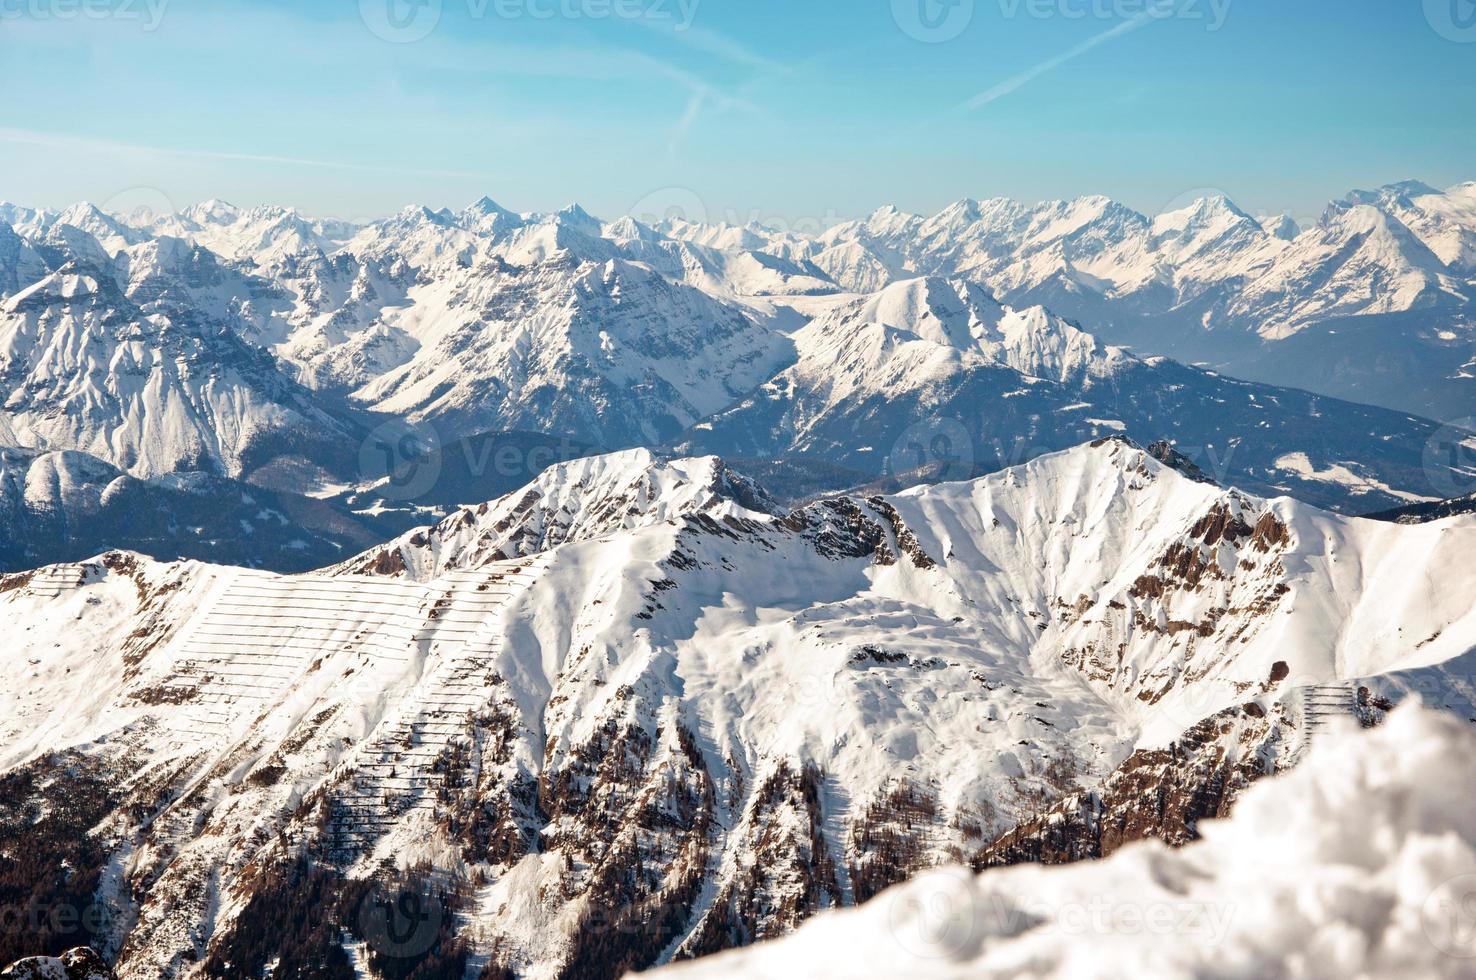 sonniger tag in den europäischen alpen auf einer wintertapete foto